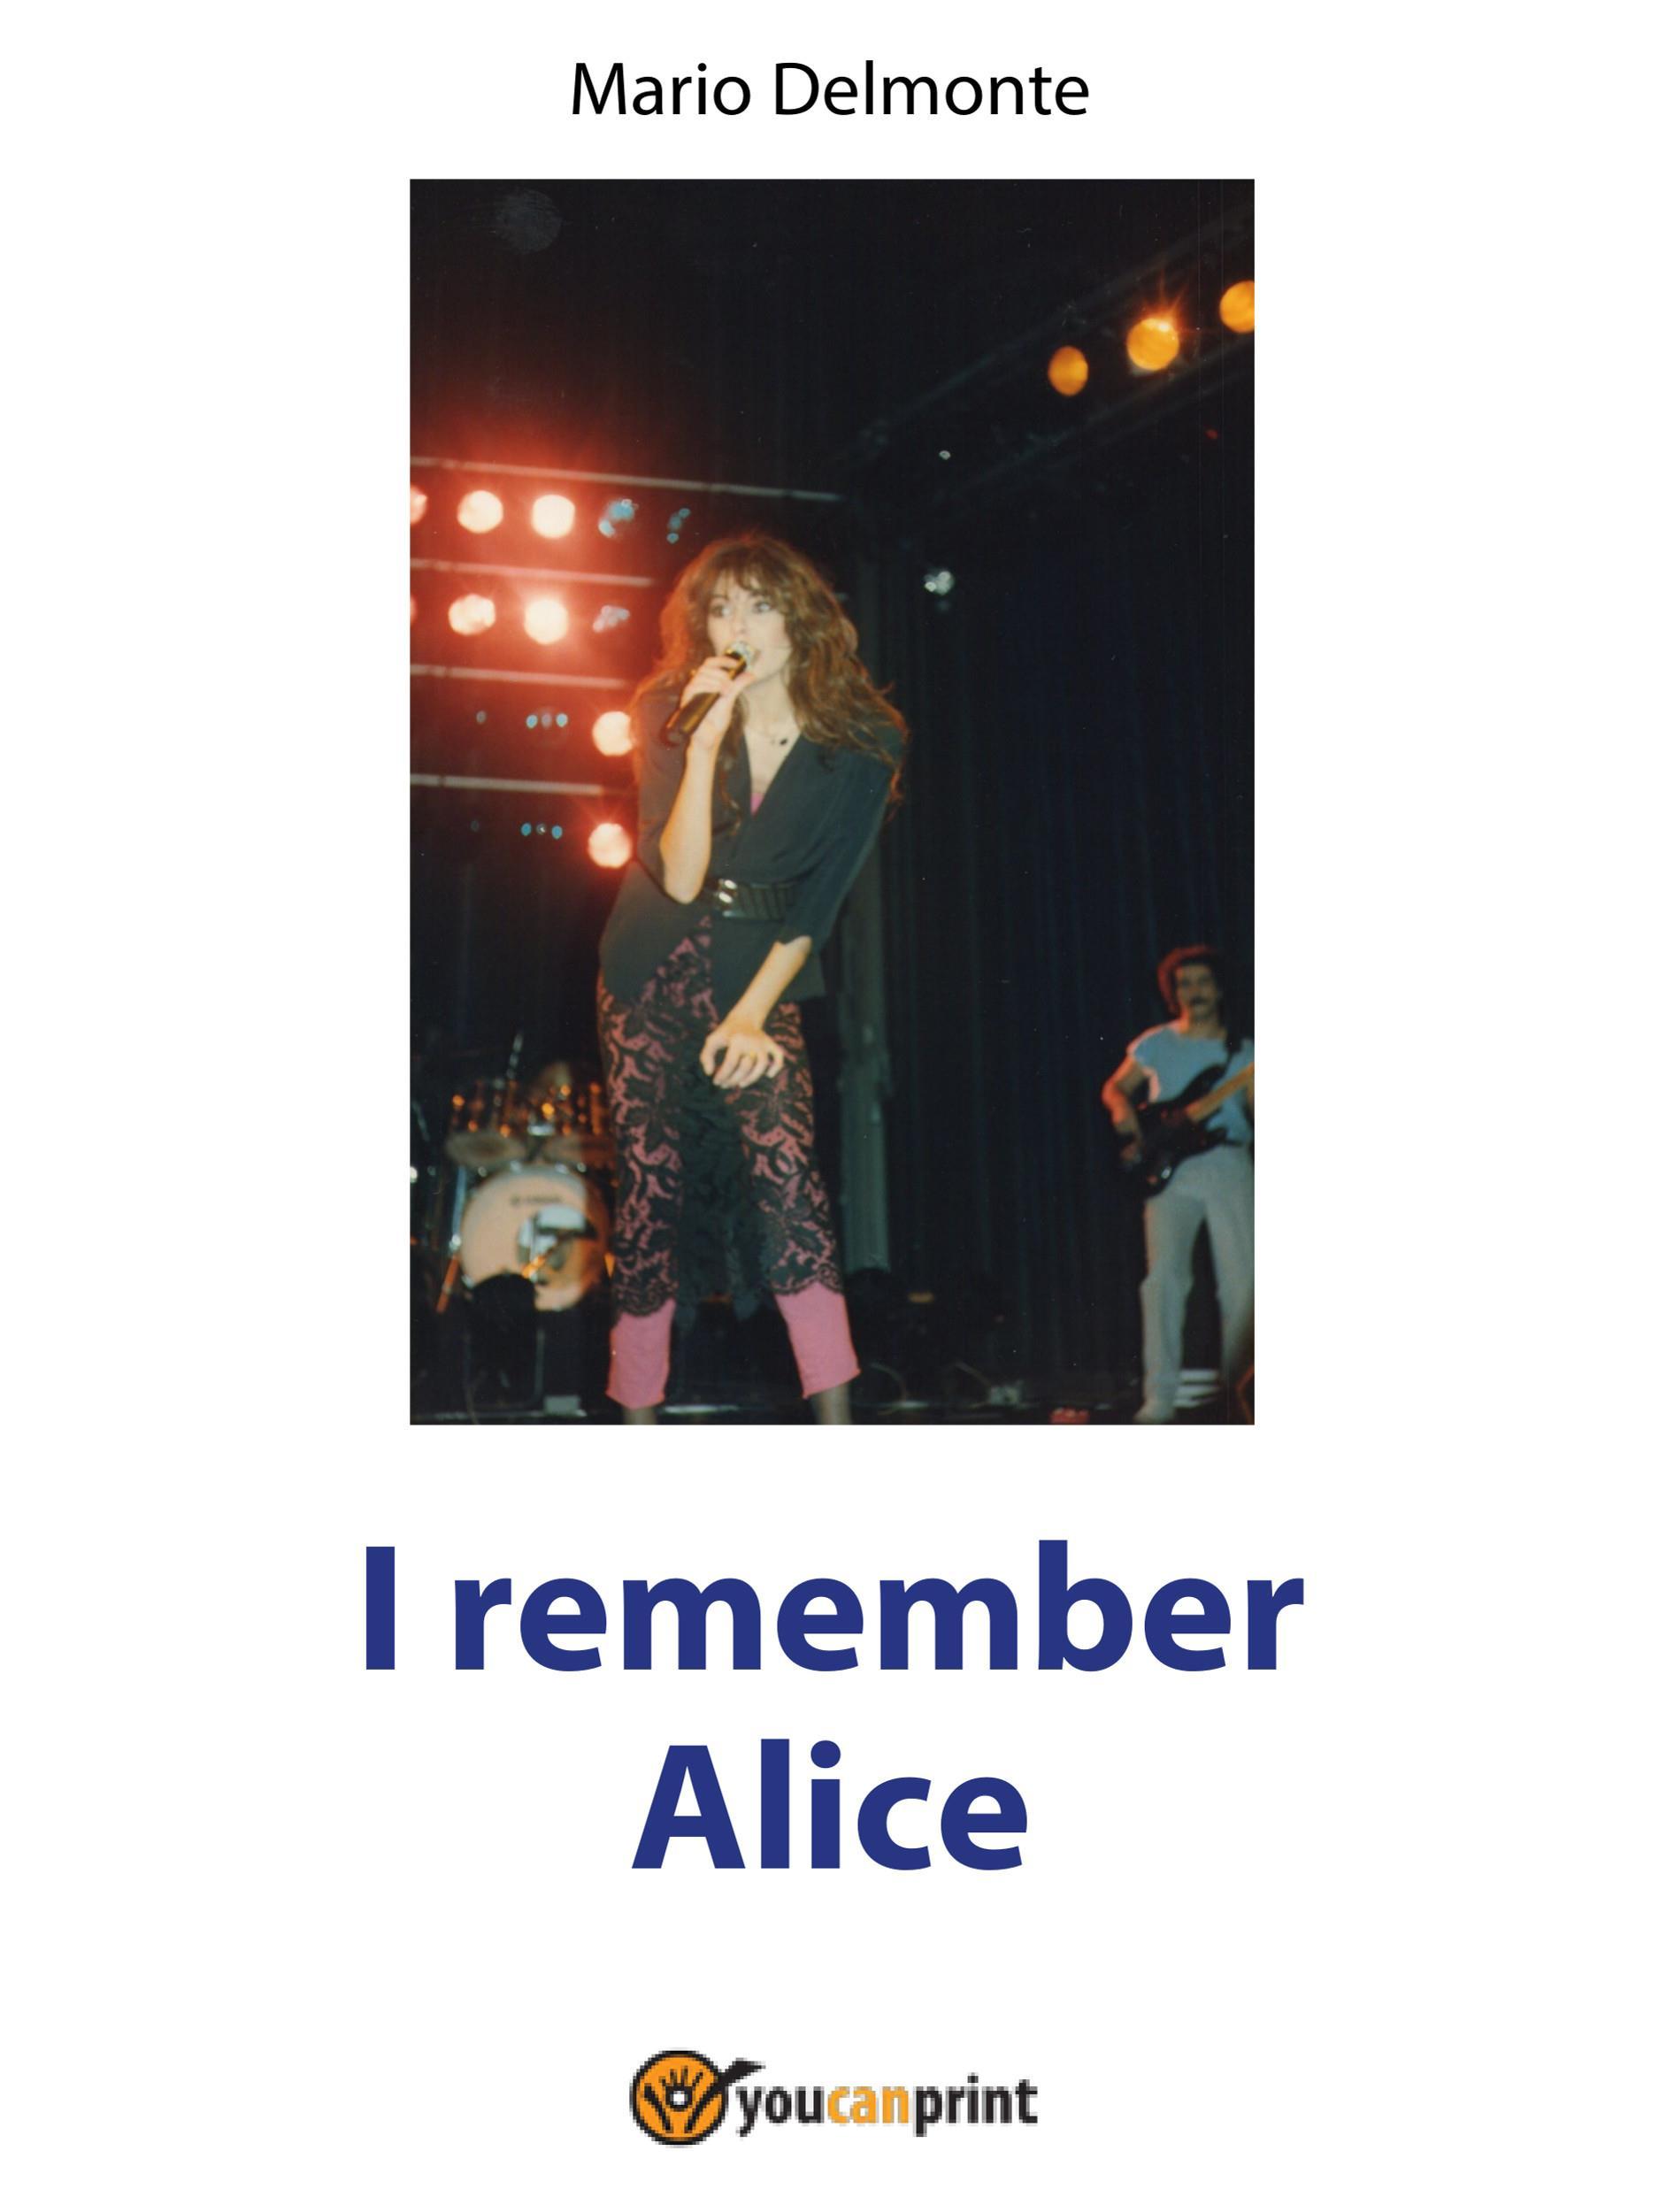 I remember Alice